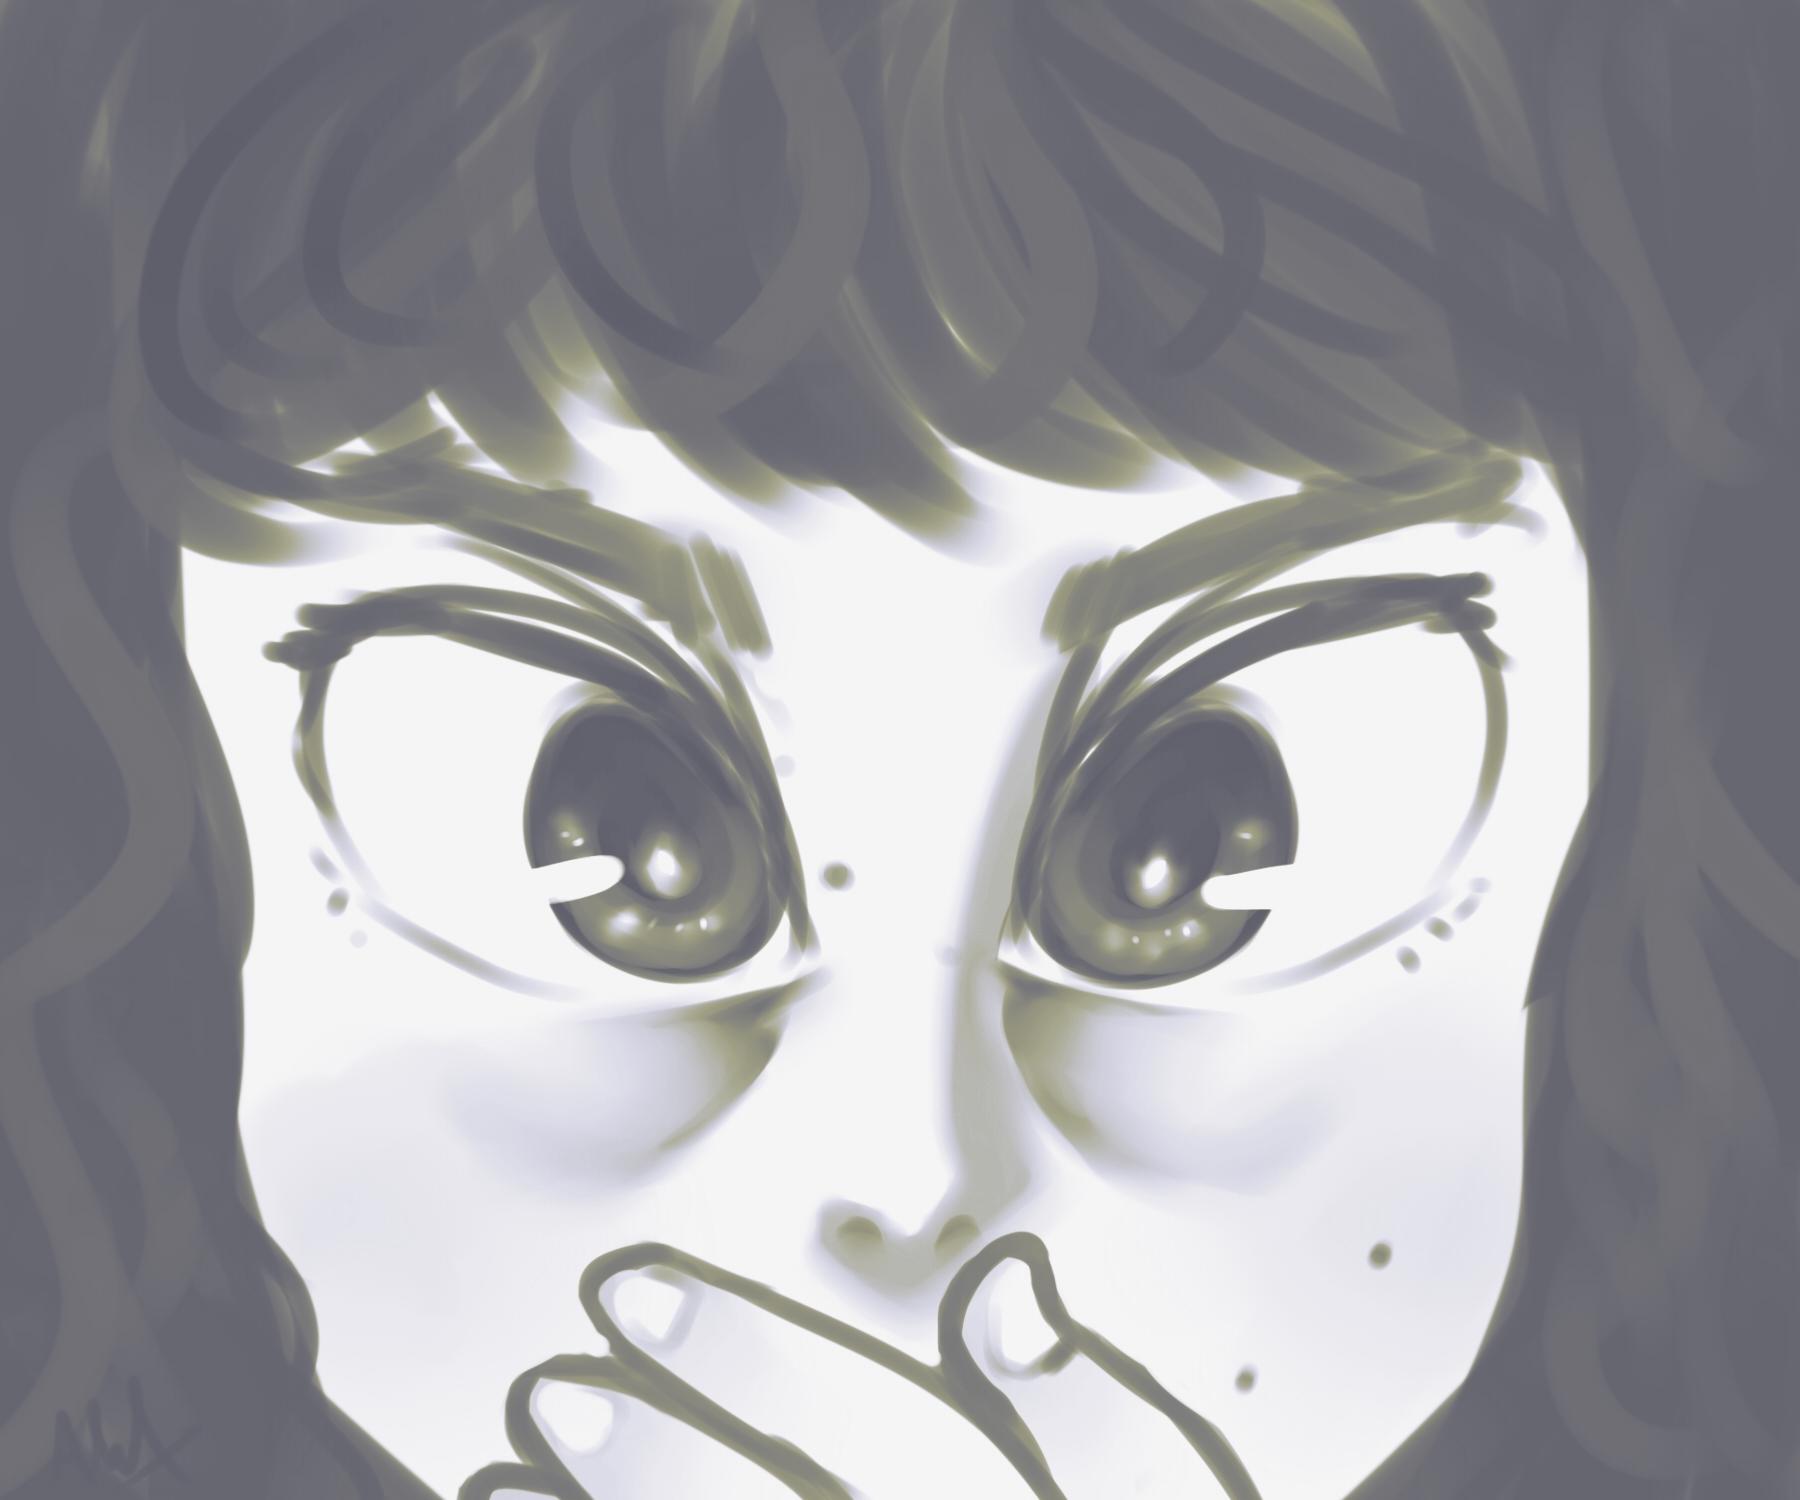 Threemilk close-up